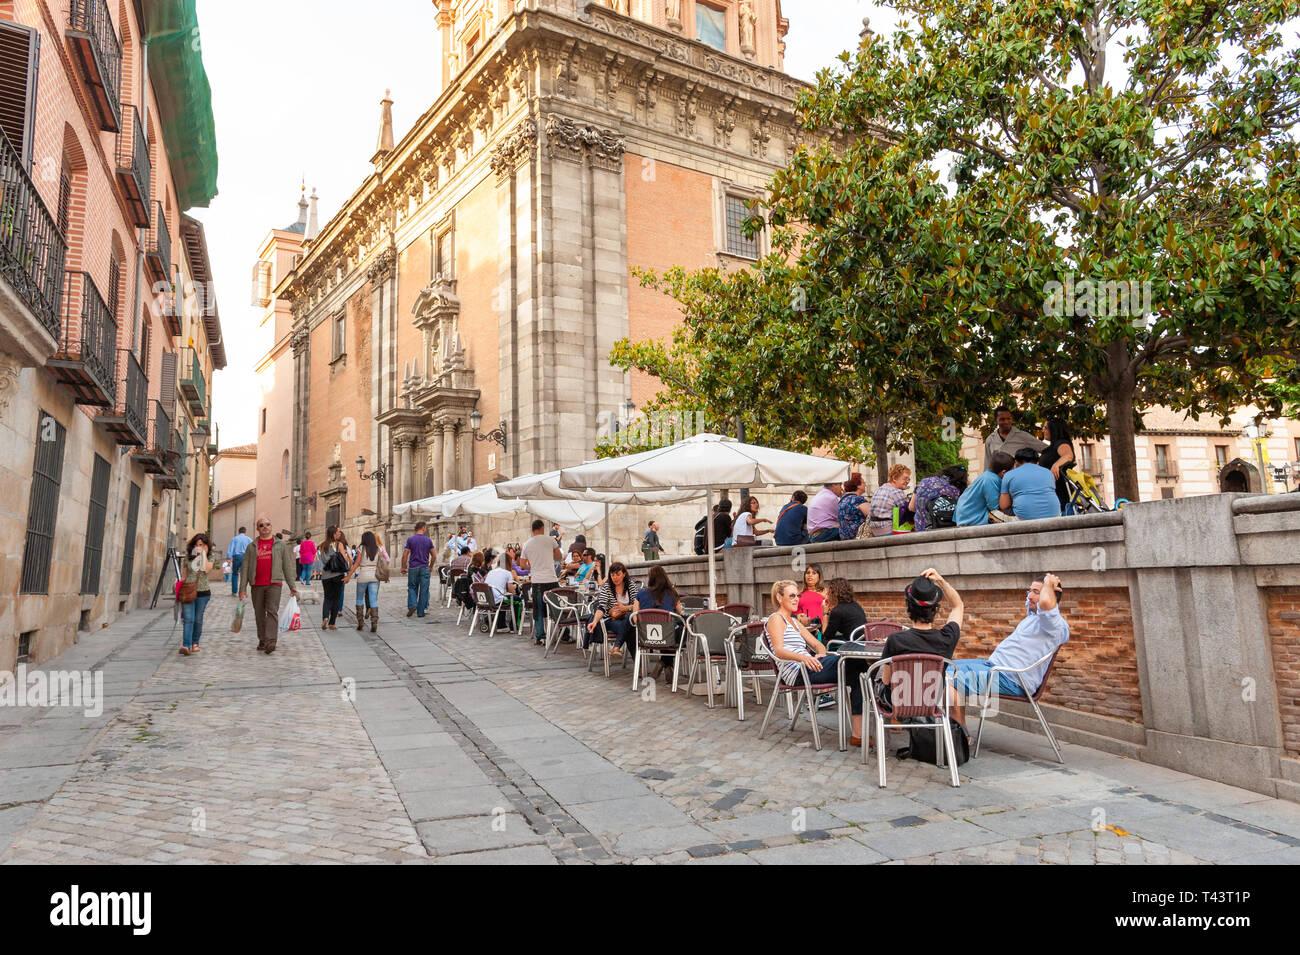 Calle En El Barrio De La Latina Madrid Espana Foto Imagen De